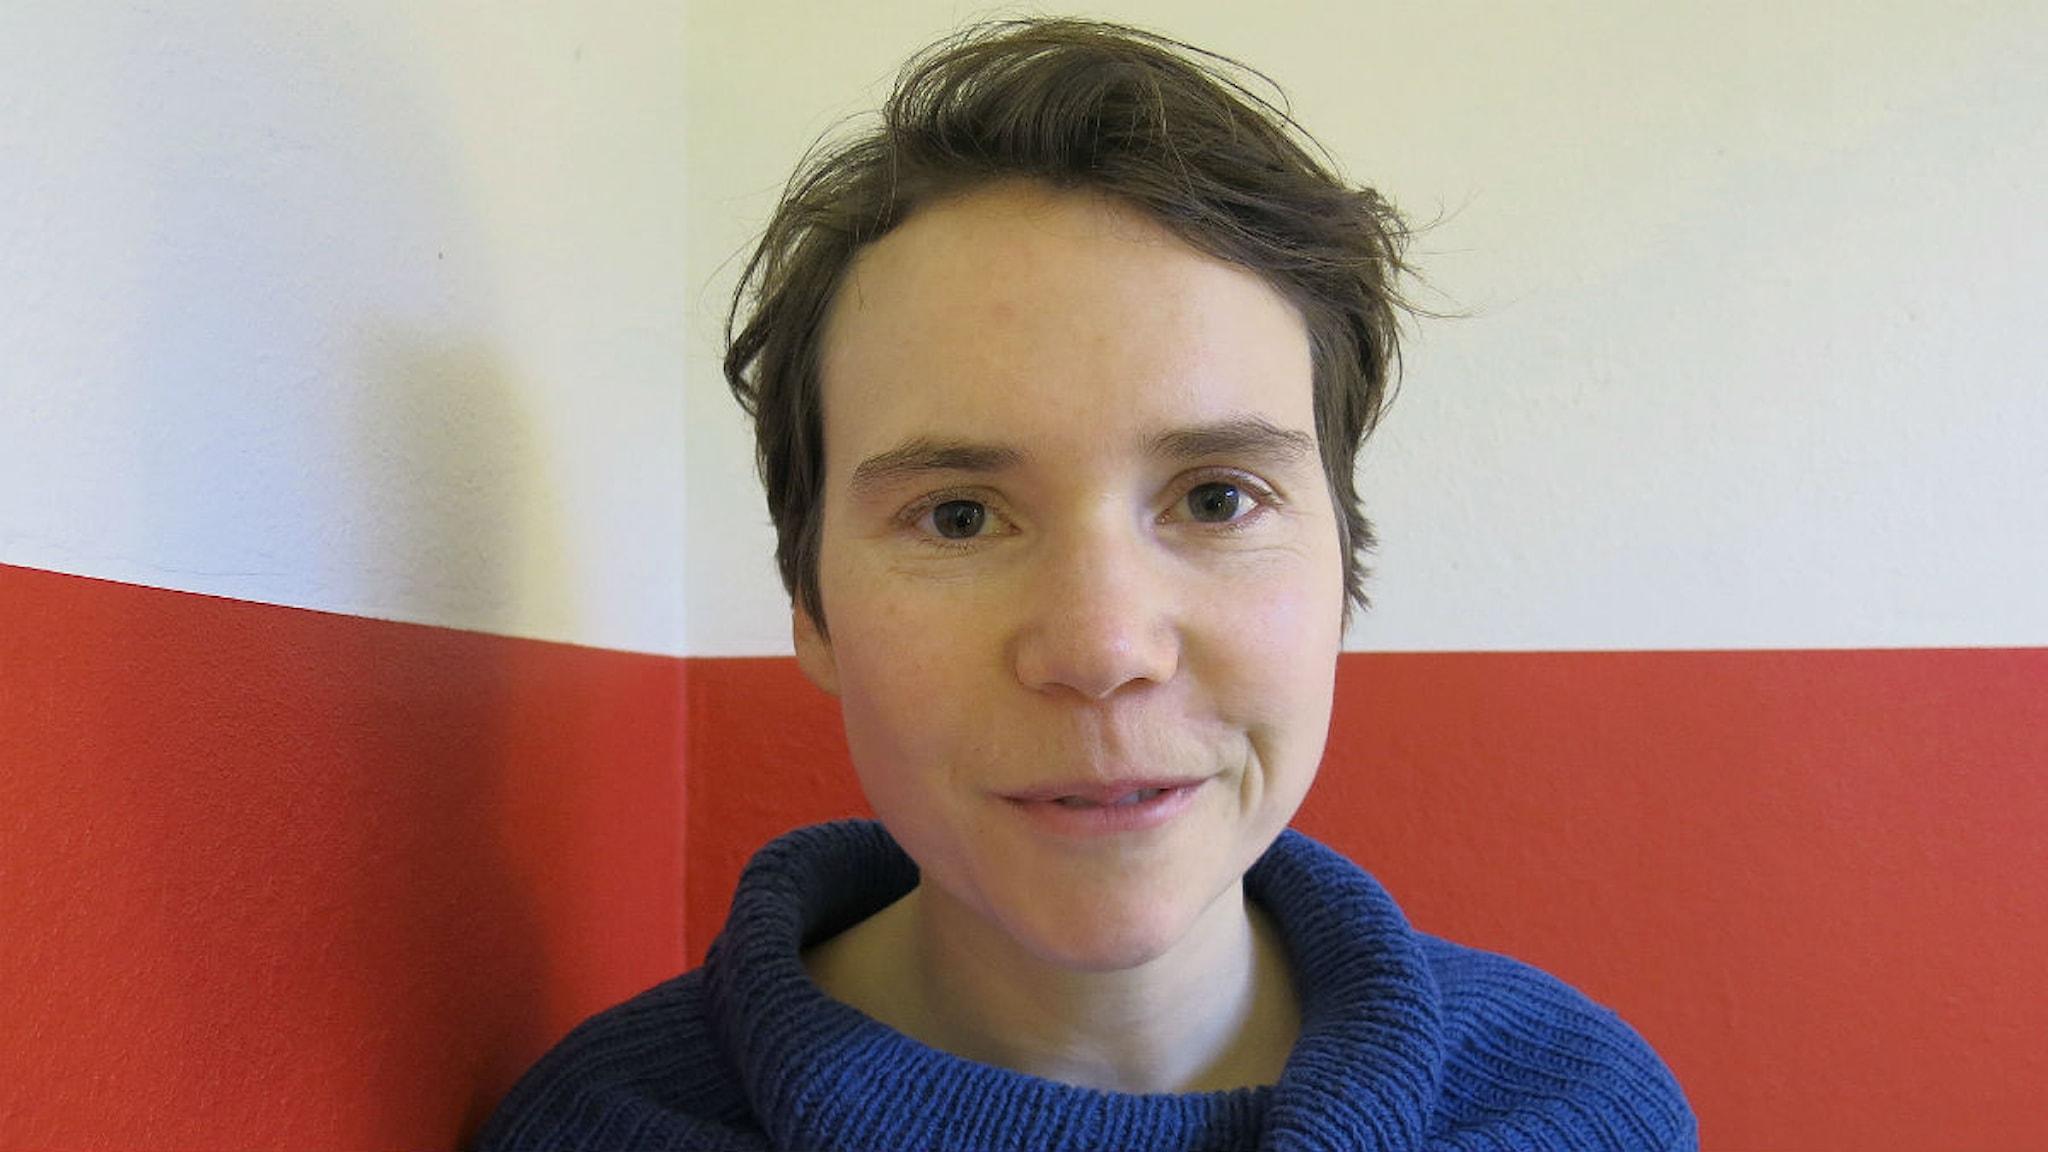 En kvinna i kort hår står med ansiktet framåt, bakgrunden är en vit och röd vägg.